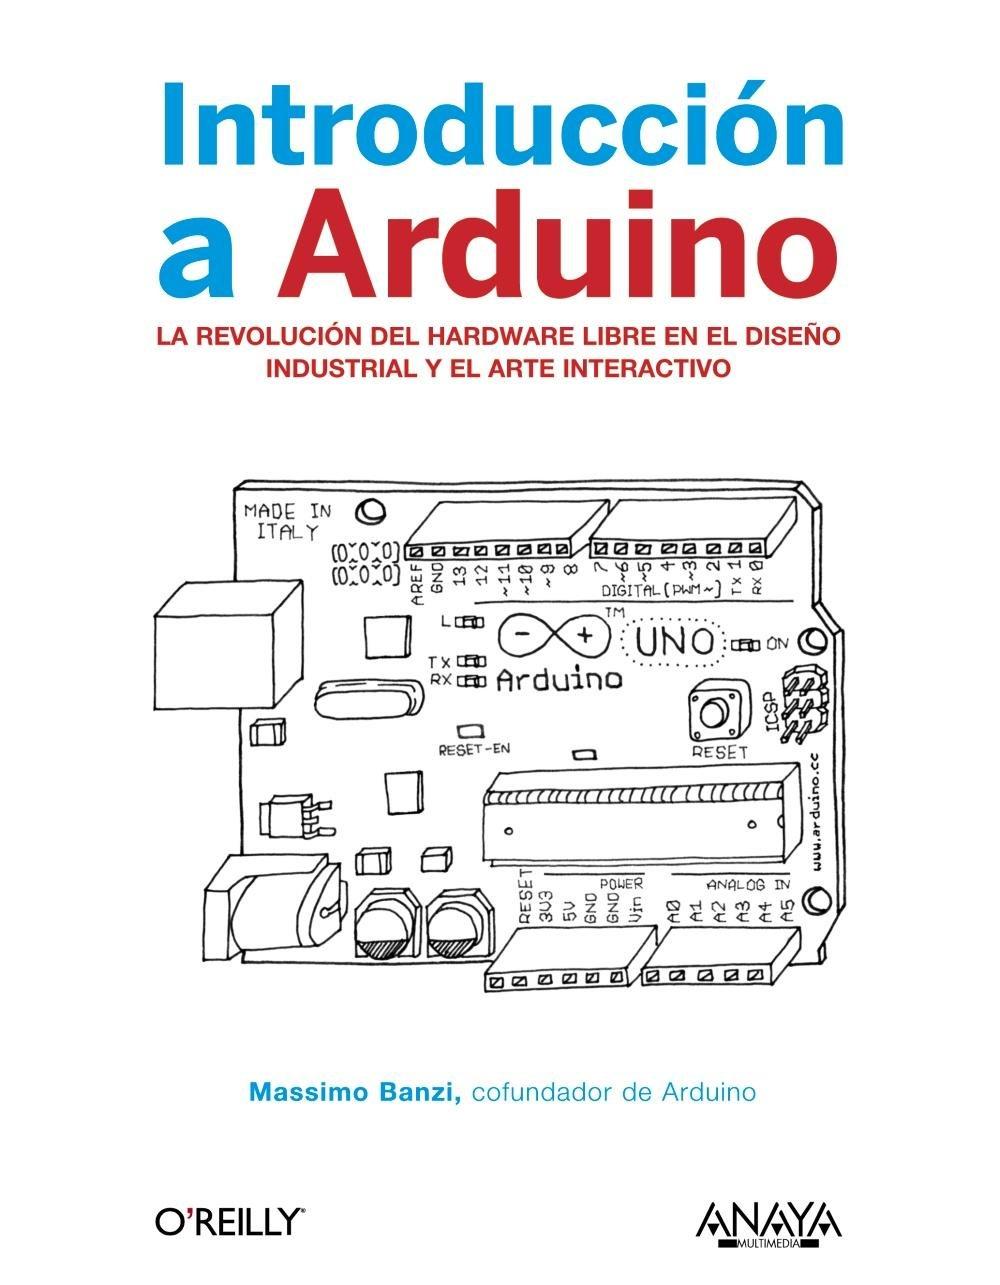 Introduccion a Arduino El Precio Es En Dolares.: MASSIMO BANZI, TOMOS : 1: Amazon.com: Books